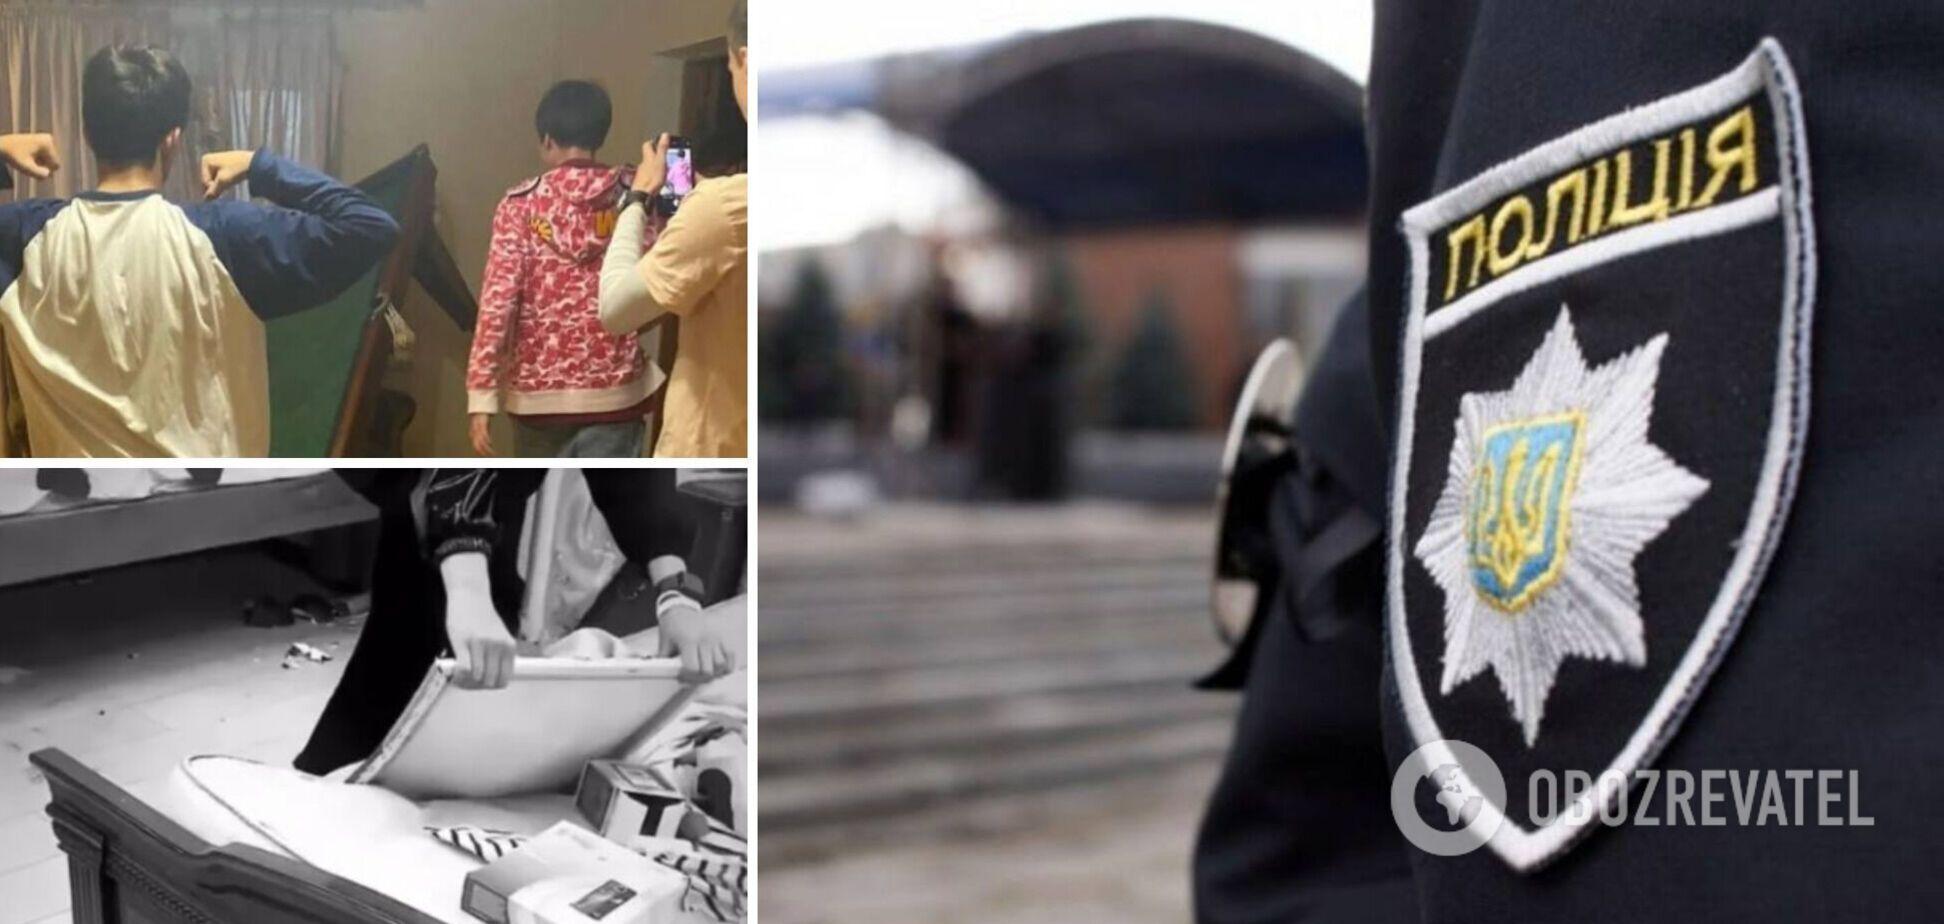 Одна з учасниць погрому будинку під Одесою заявила, що не боїться відповідальності: мама все вирішить. Відео